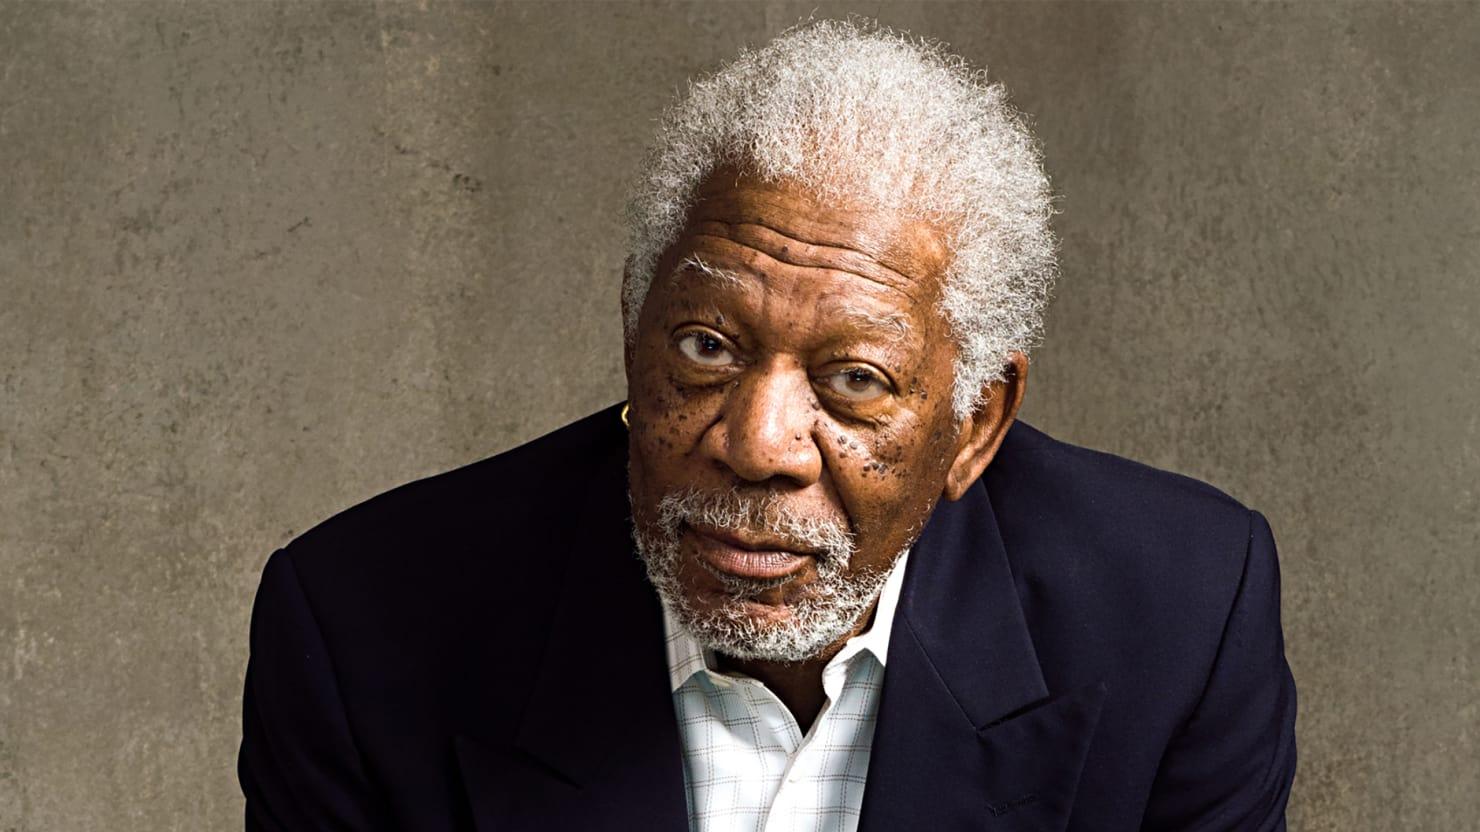 Morgan Freeman avrebbe commesso abusi sessuali